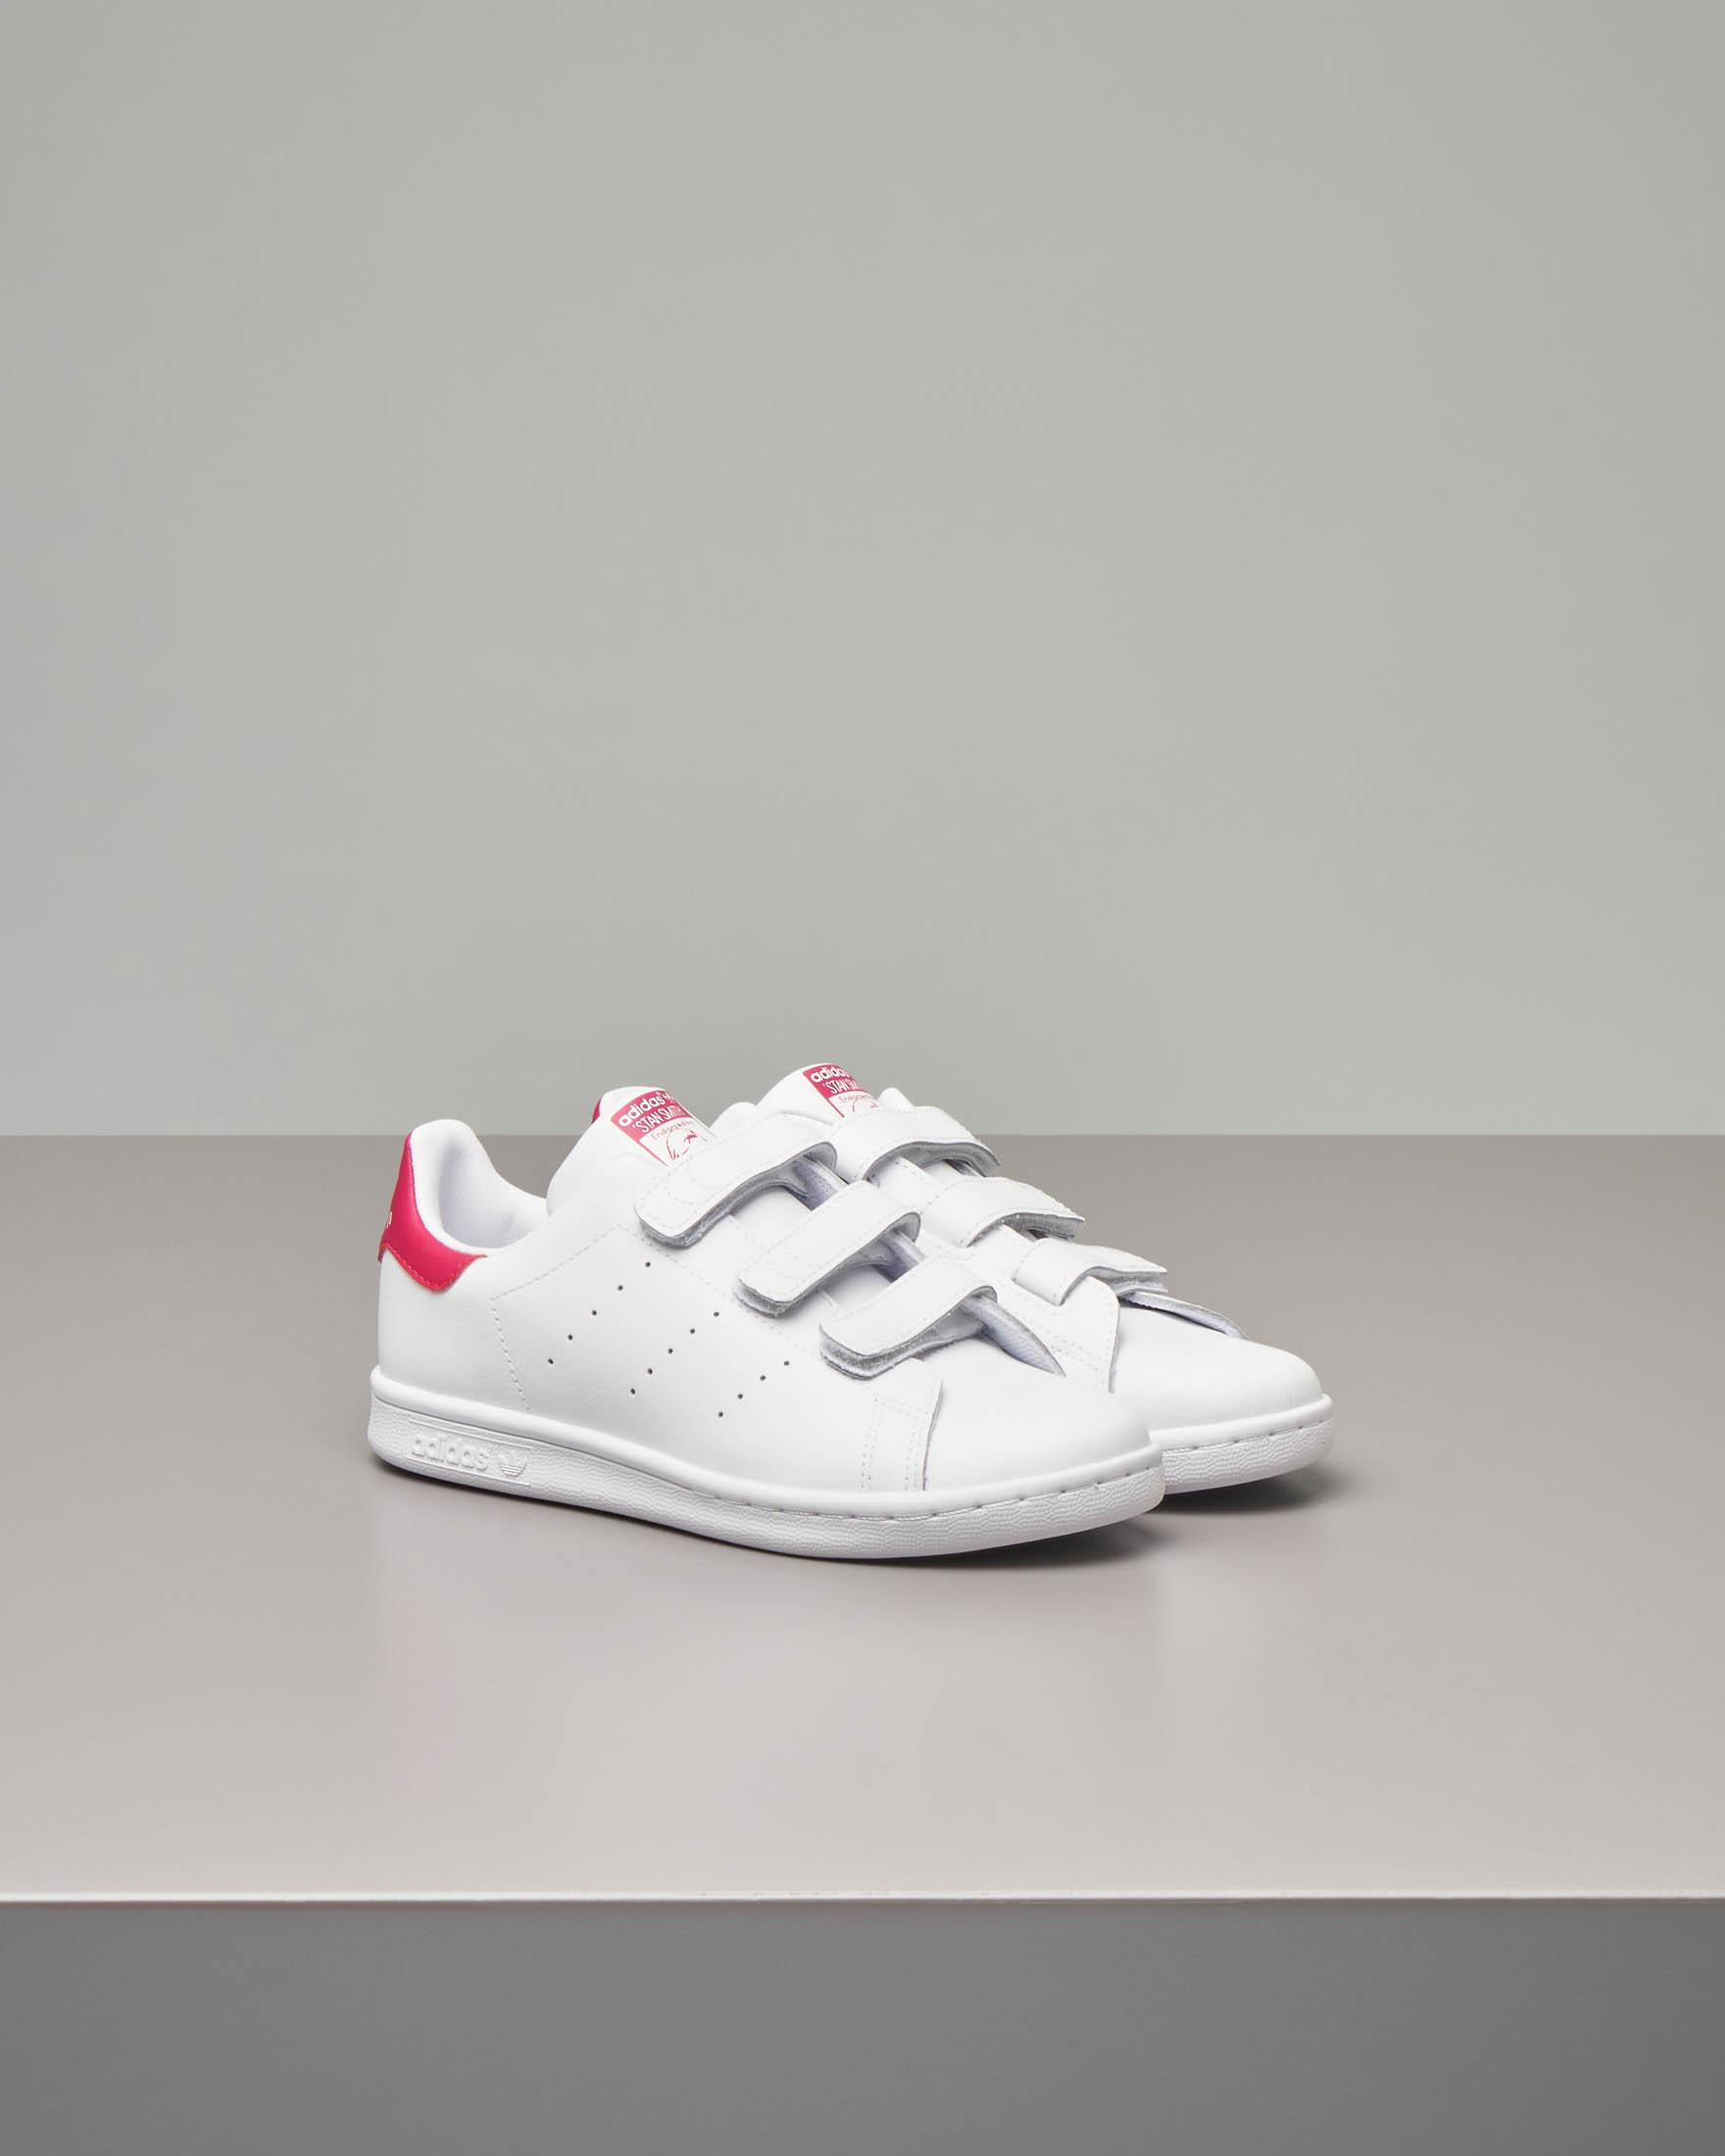 scarpe adidas strappo bambini 35